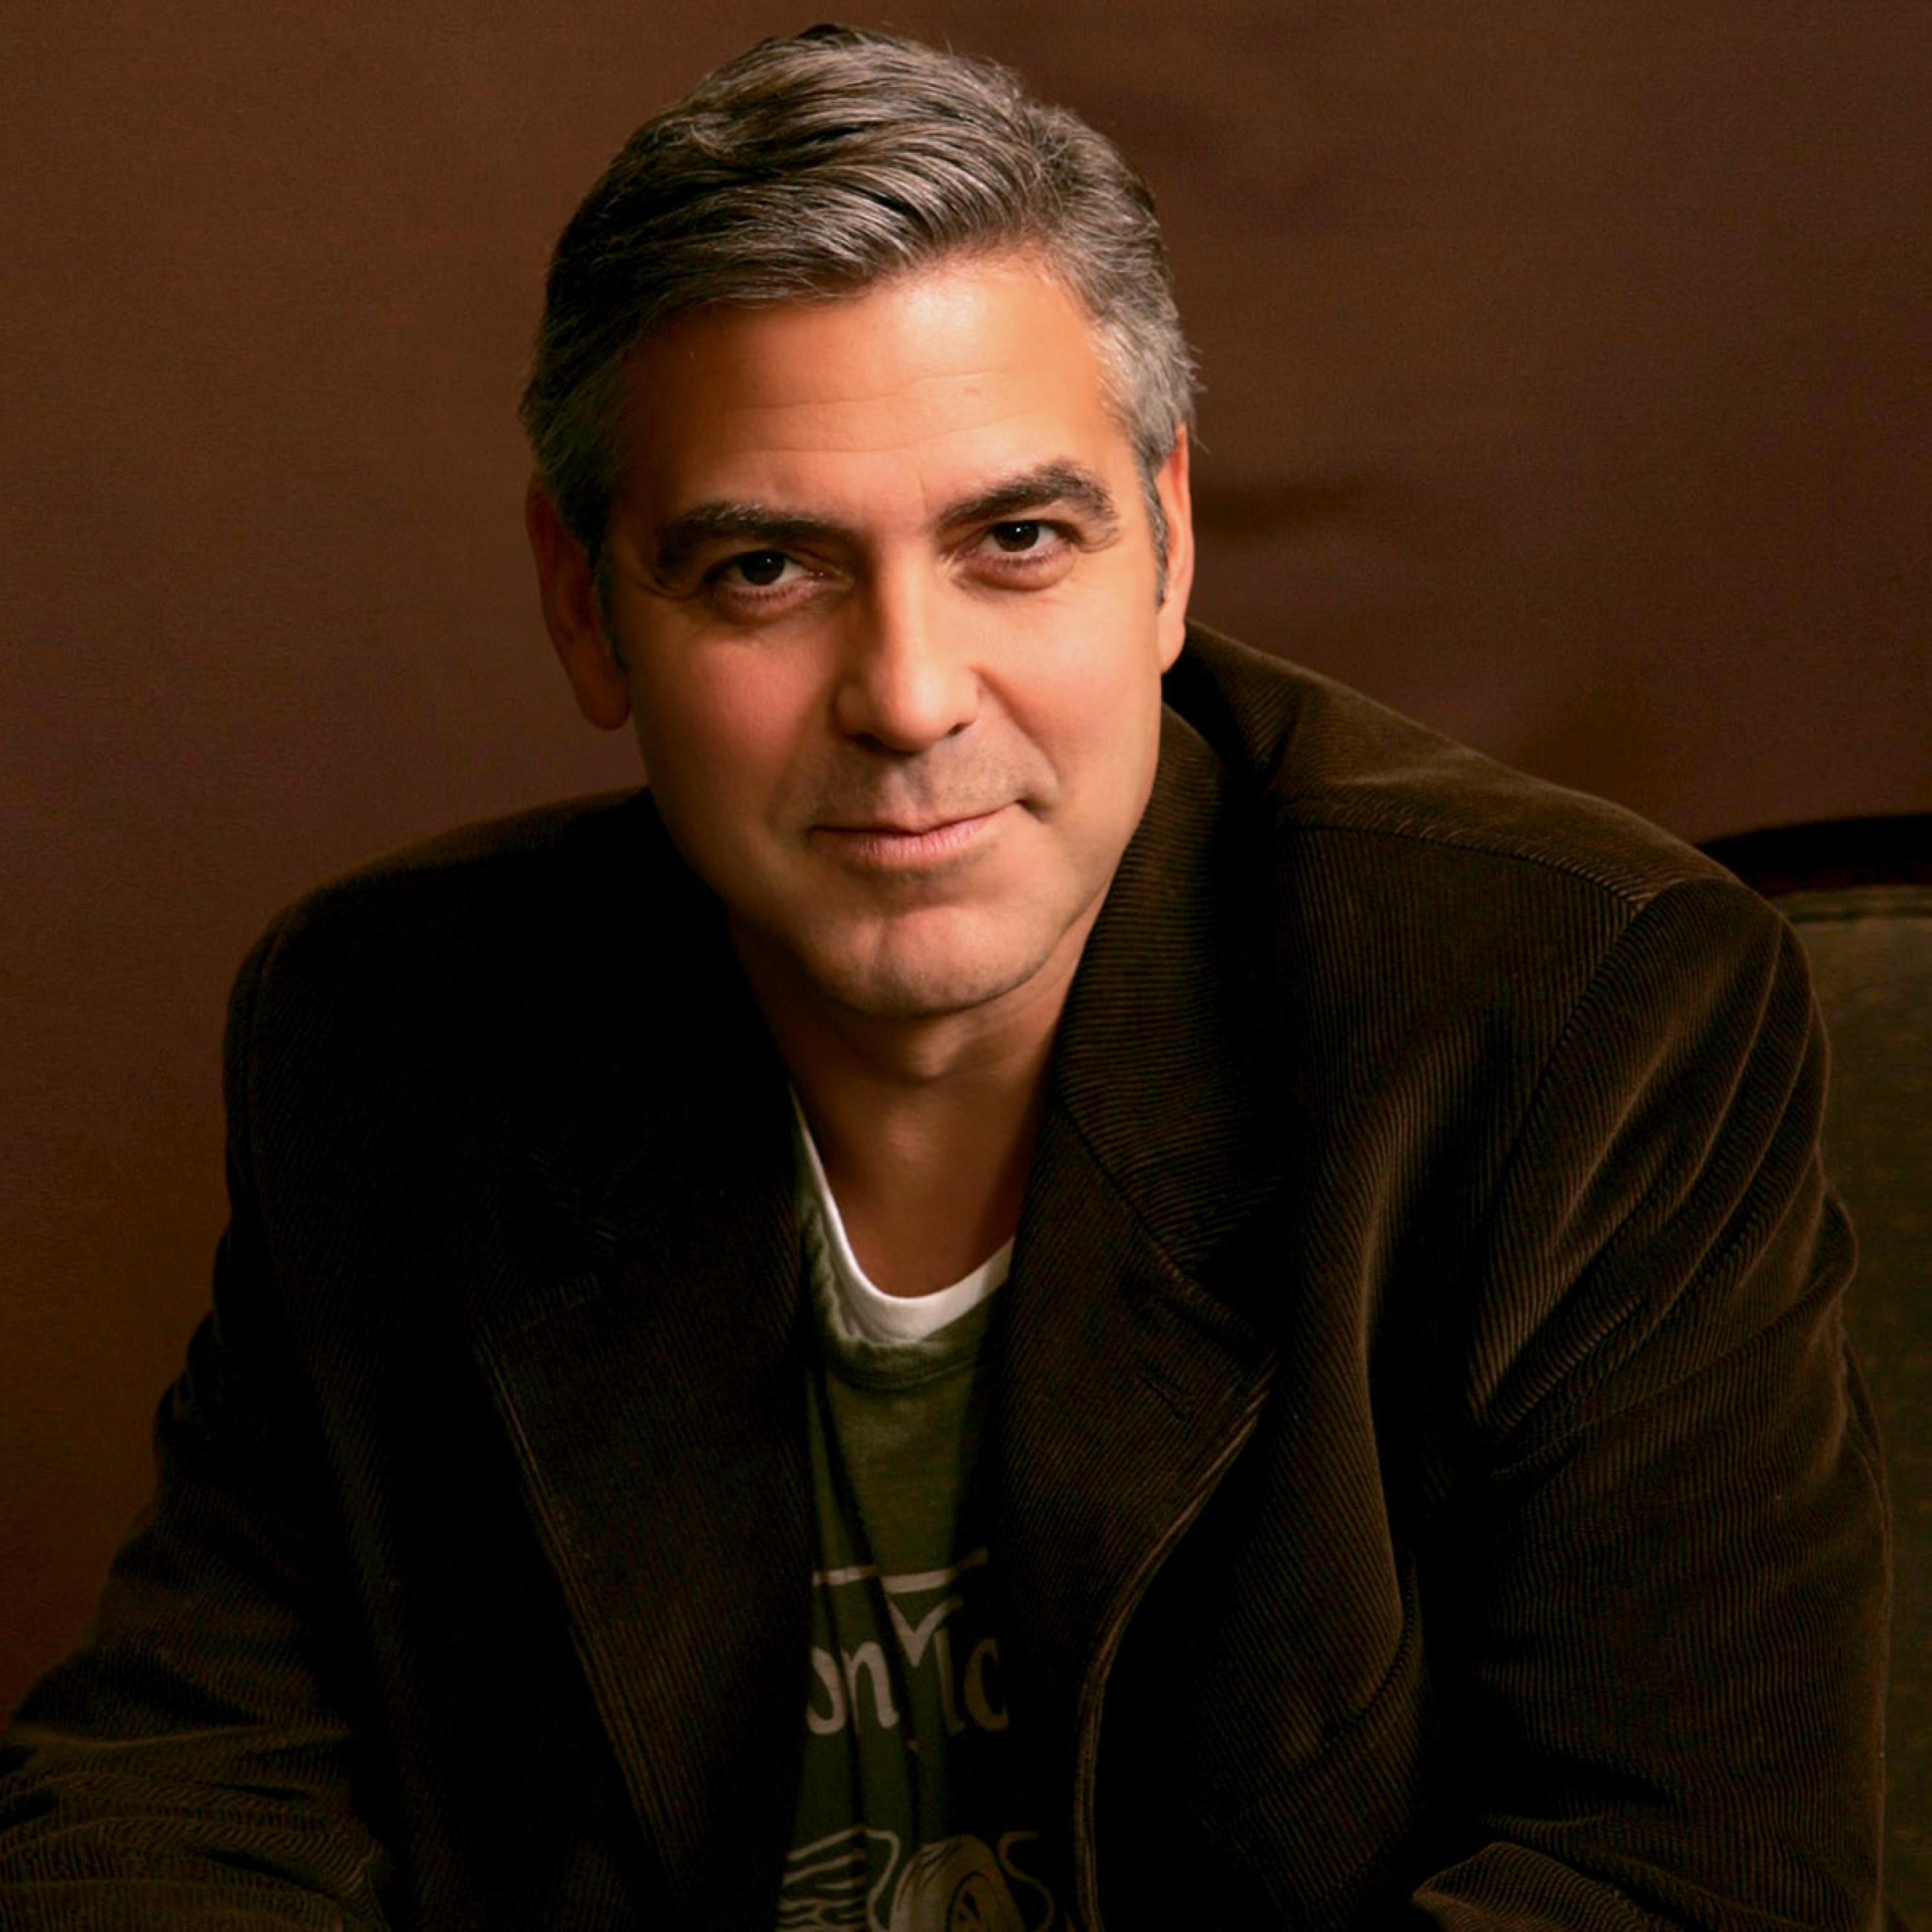 2932x2932 George Clooney Rare Images Ipad Pro Retina